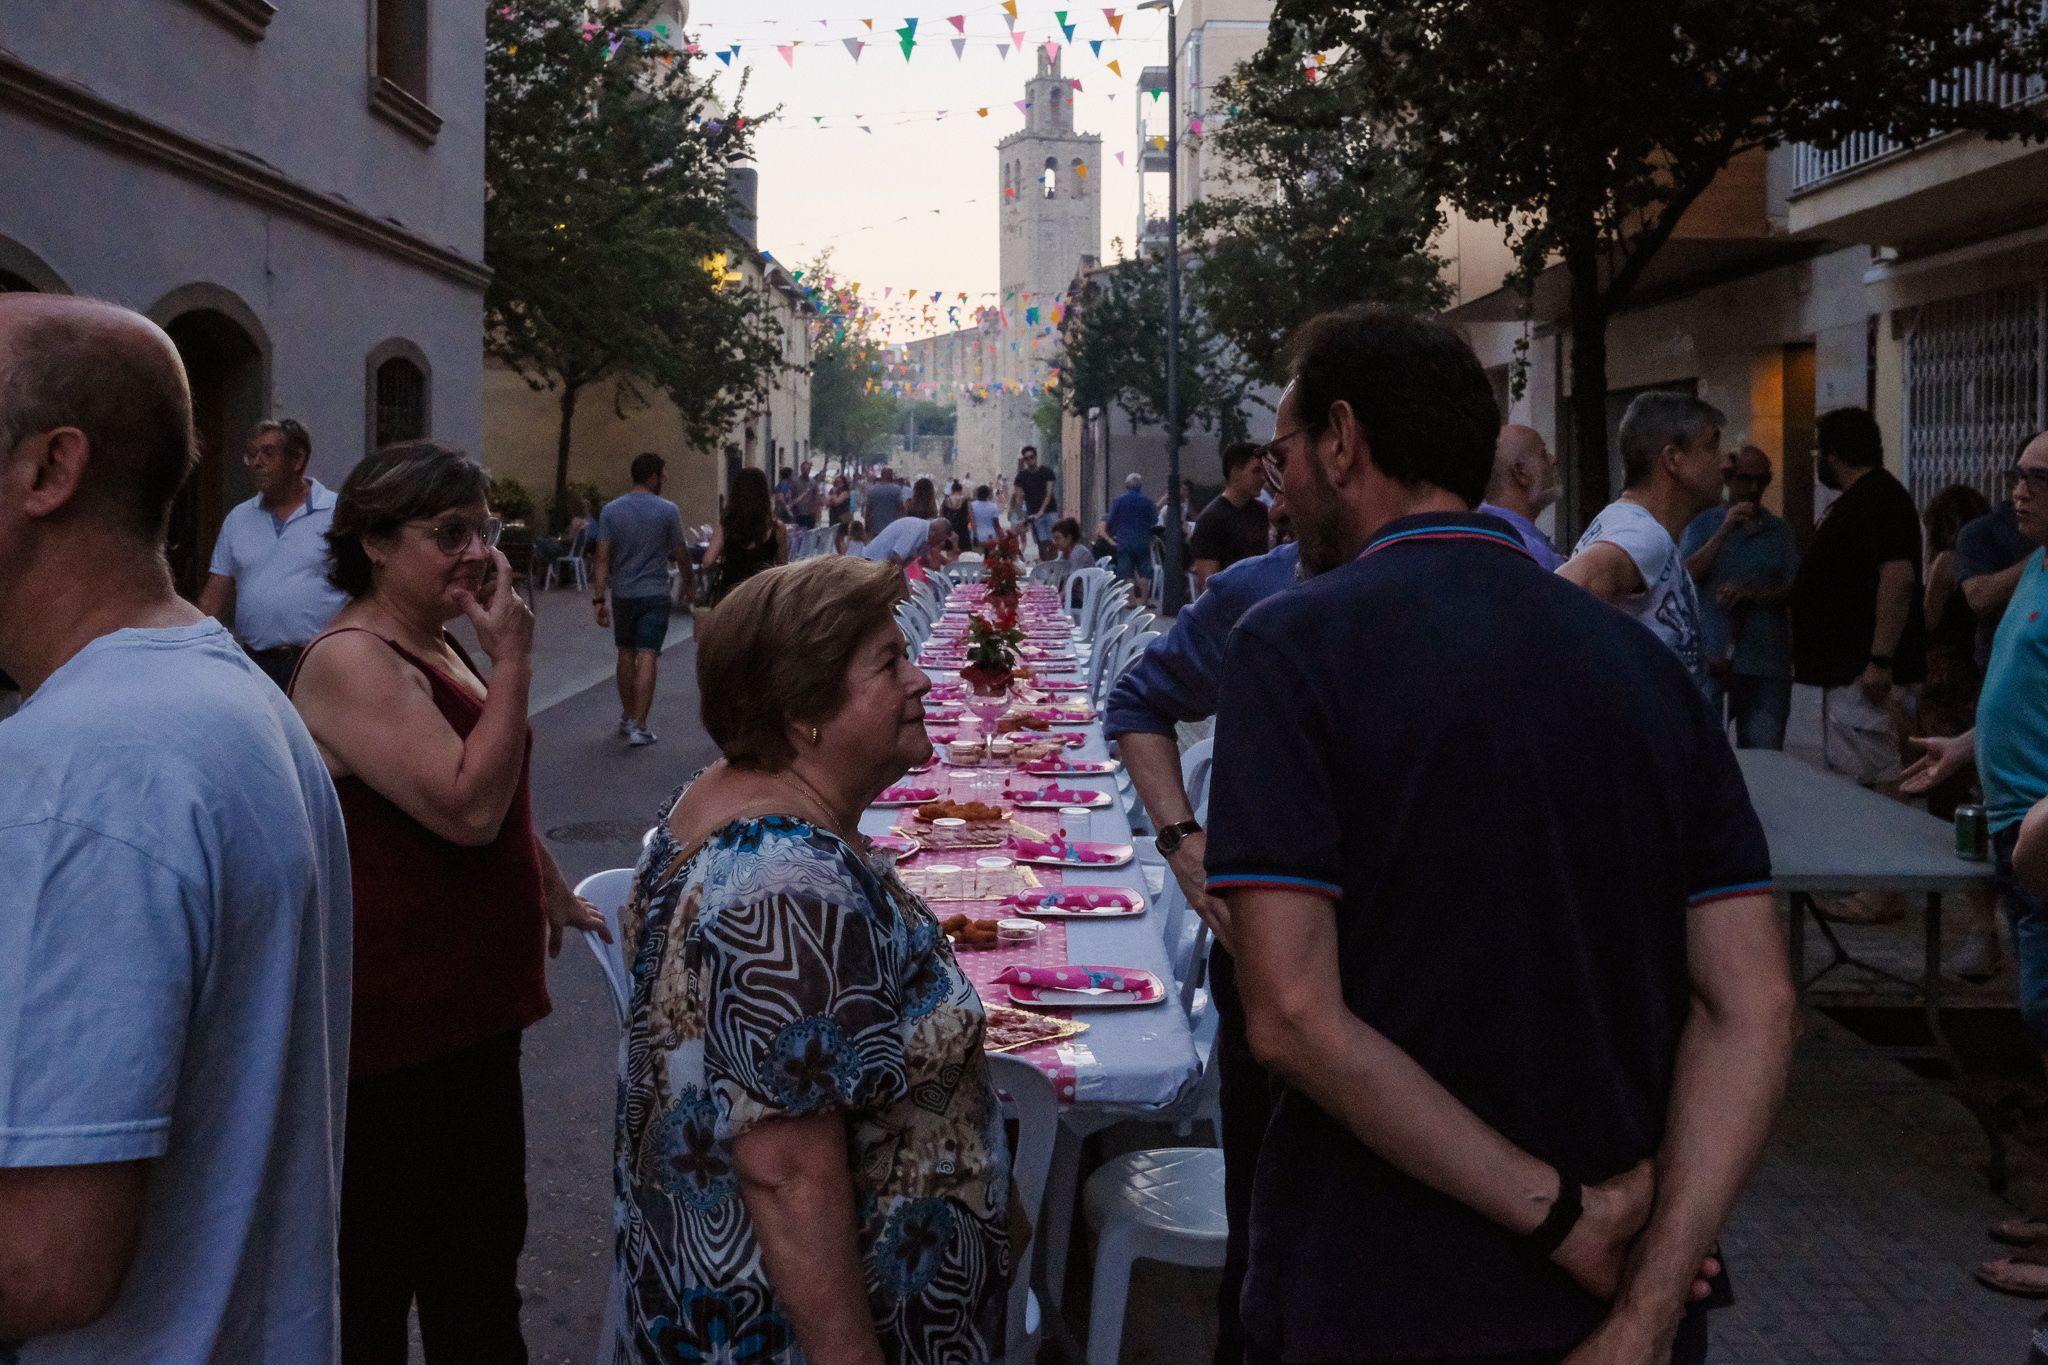 Preparant un sopar popular de barri. Foto: Alex Gómez